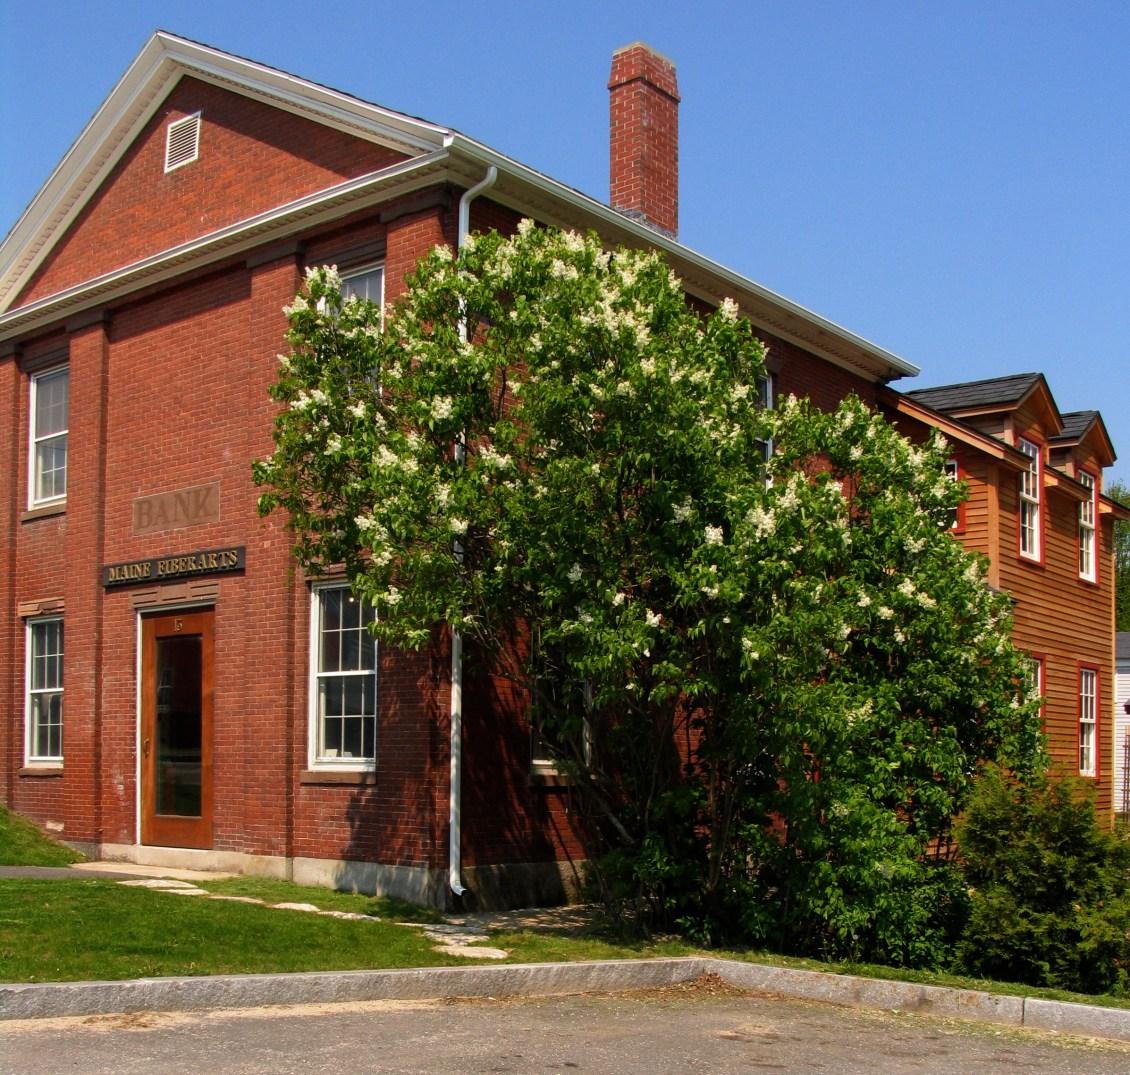 Maine Fiberarts building